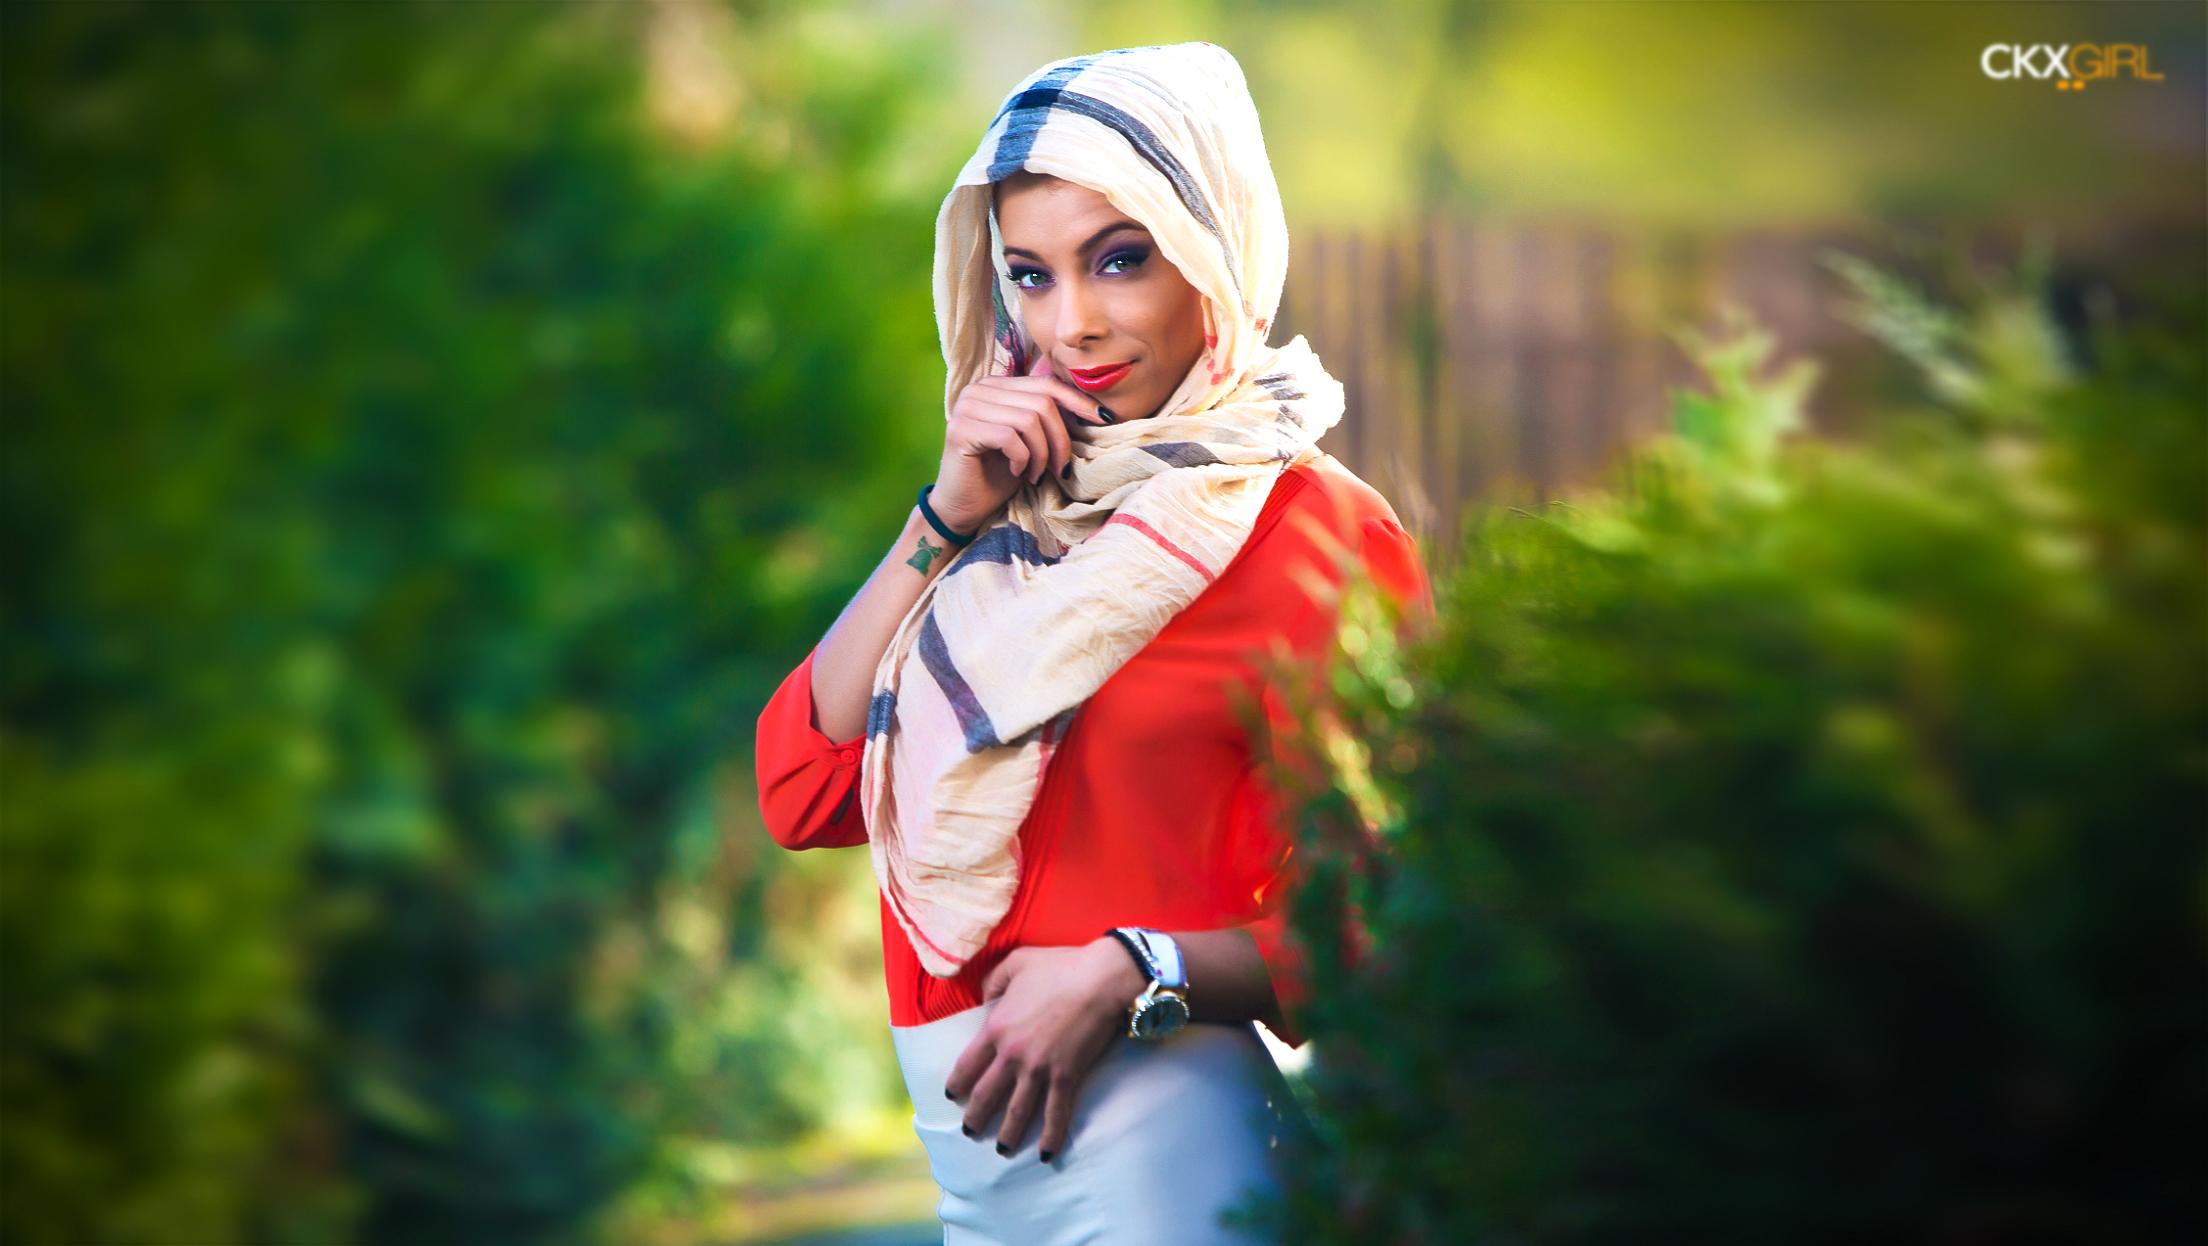 Jasminmuslim  Cokegirlx  Muslim Hijab Girls  Live Sex Shows  Xxx  Cokegirlxcom-2685